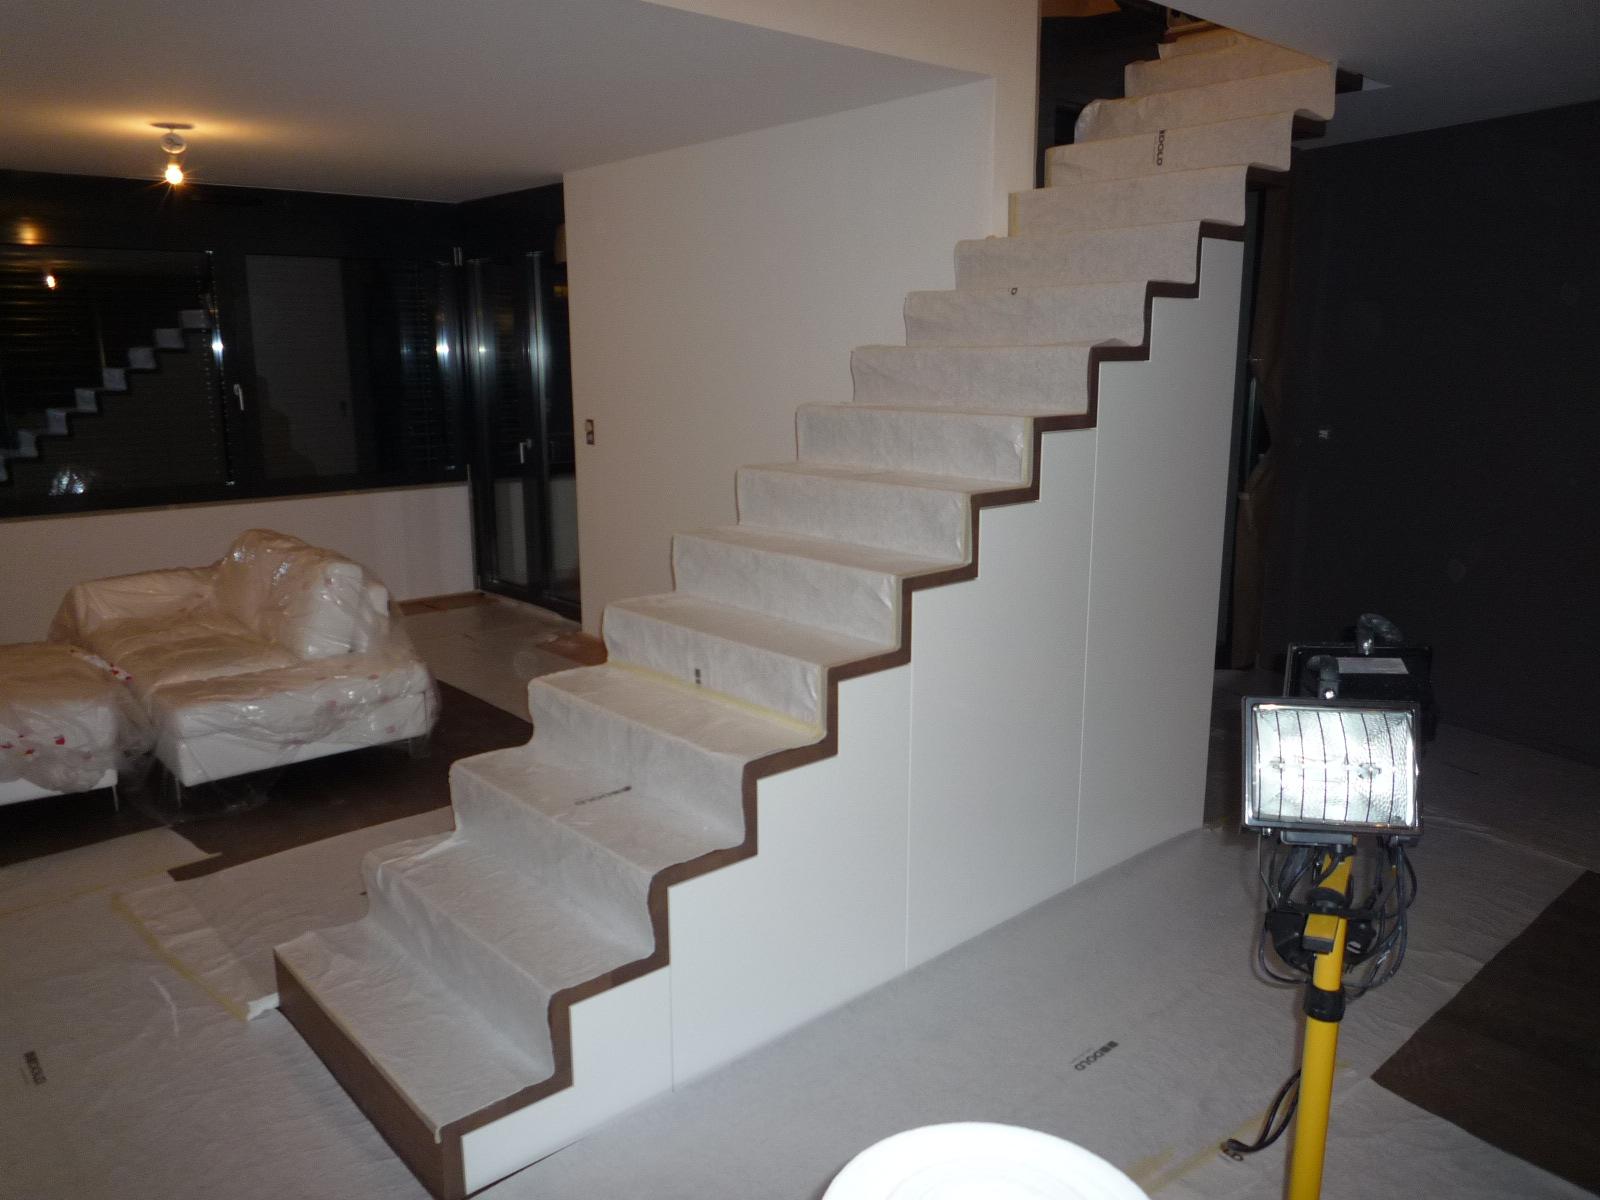 Escalier drois